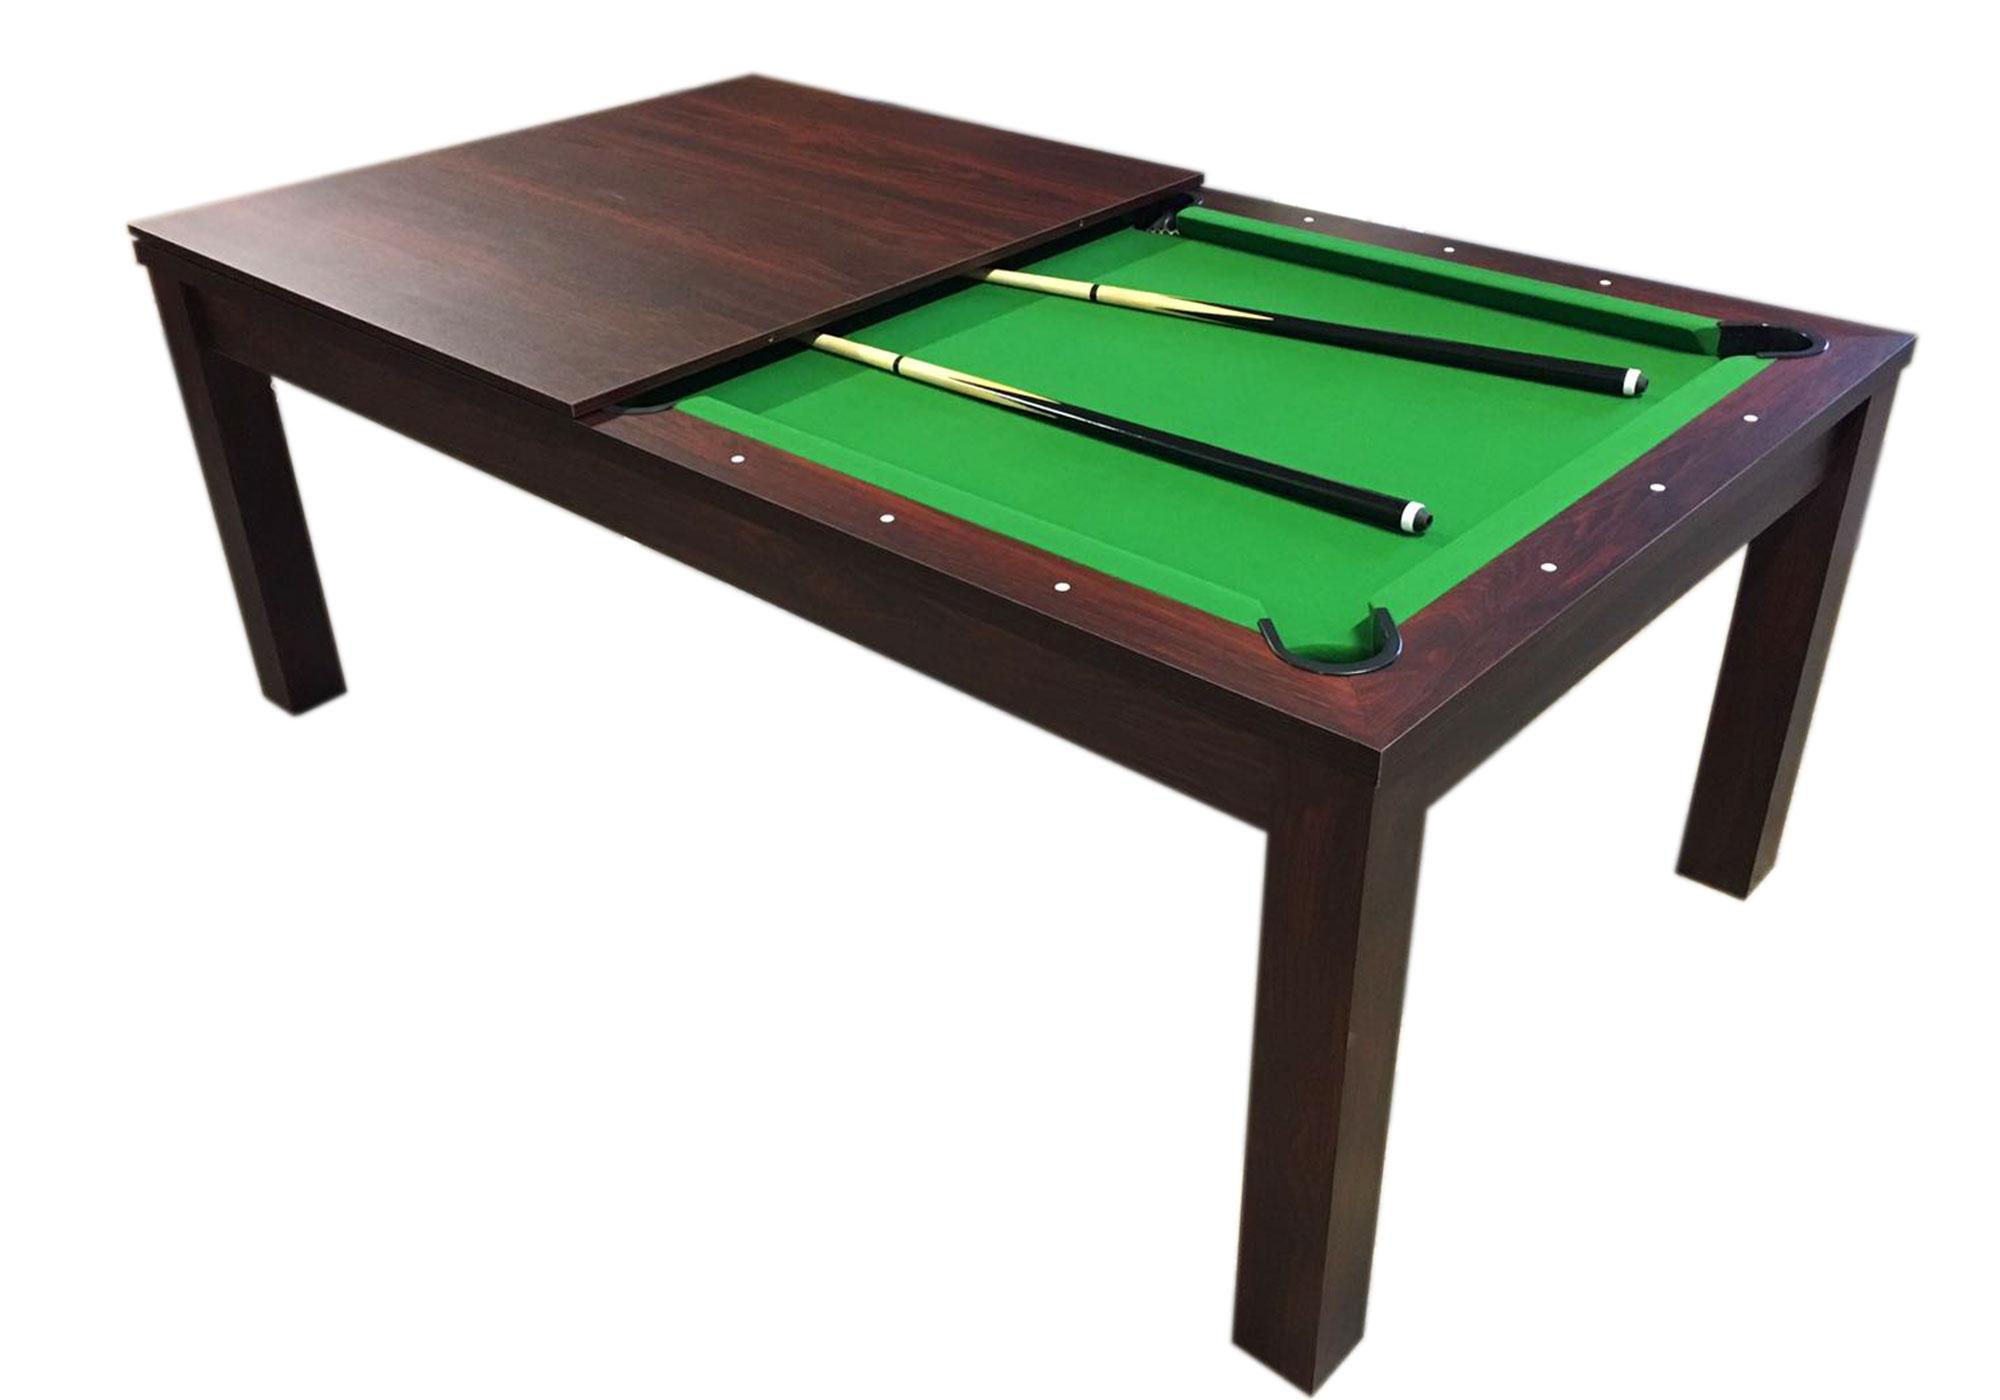 Tavolo da biliardo 7 ft accessori per carambola copertura inclusa green star ebay - Tavolo da biliardo professionale ...